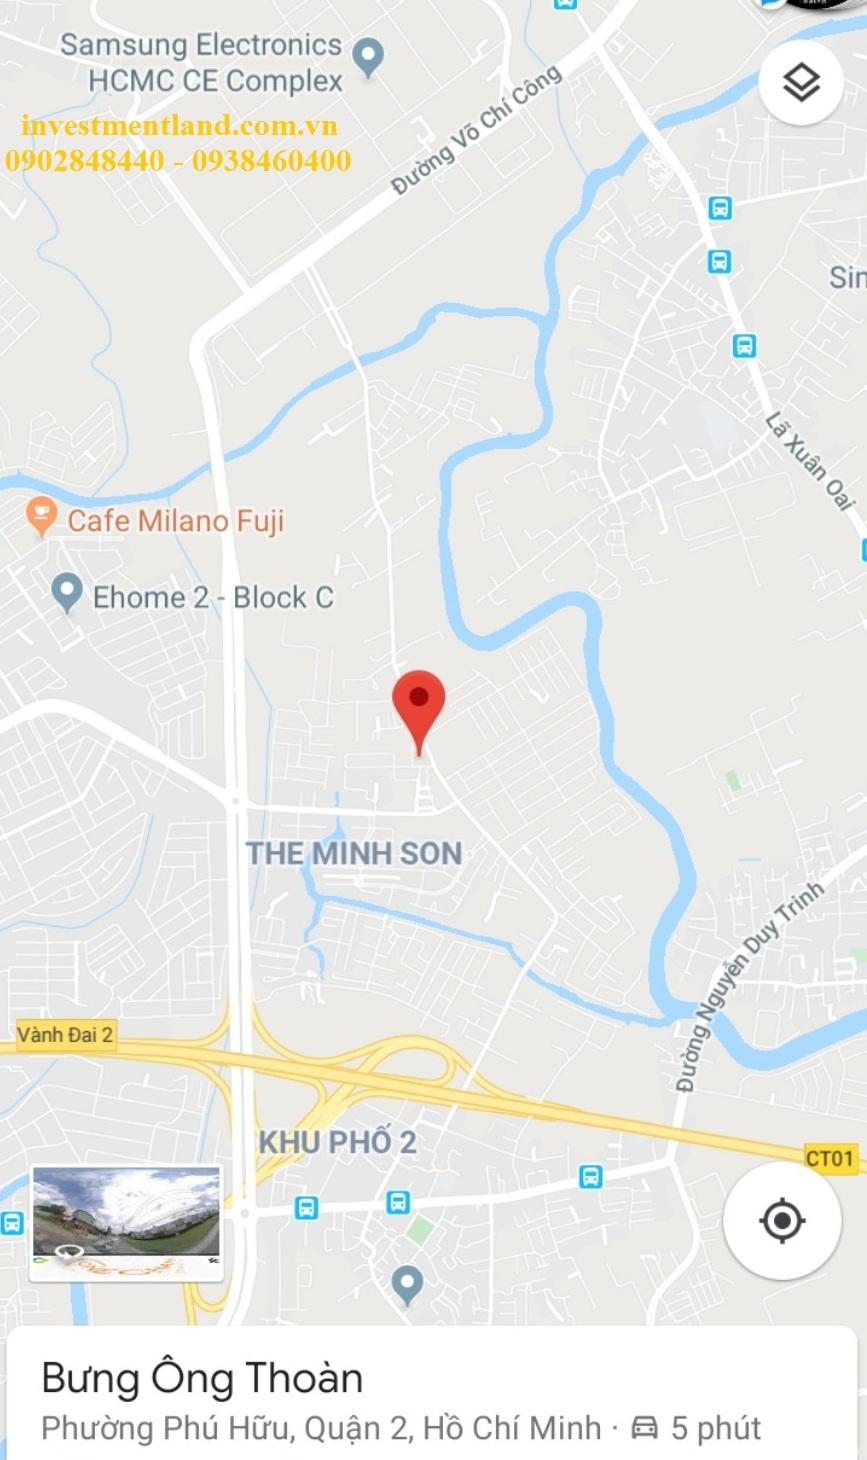 Vị trí căn hộ cho thuê đường Bưng Ông Thoàn, Quận 9, TP.HCM